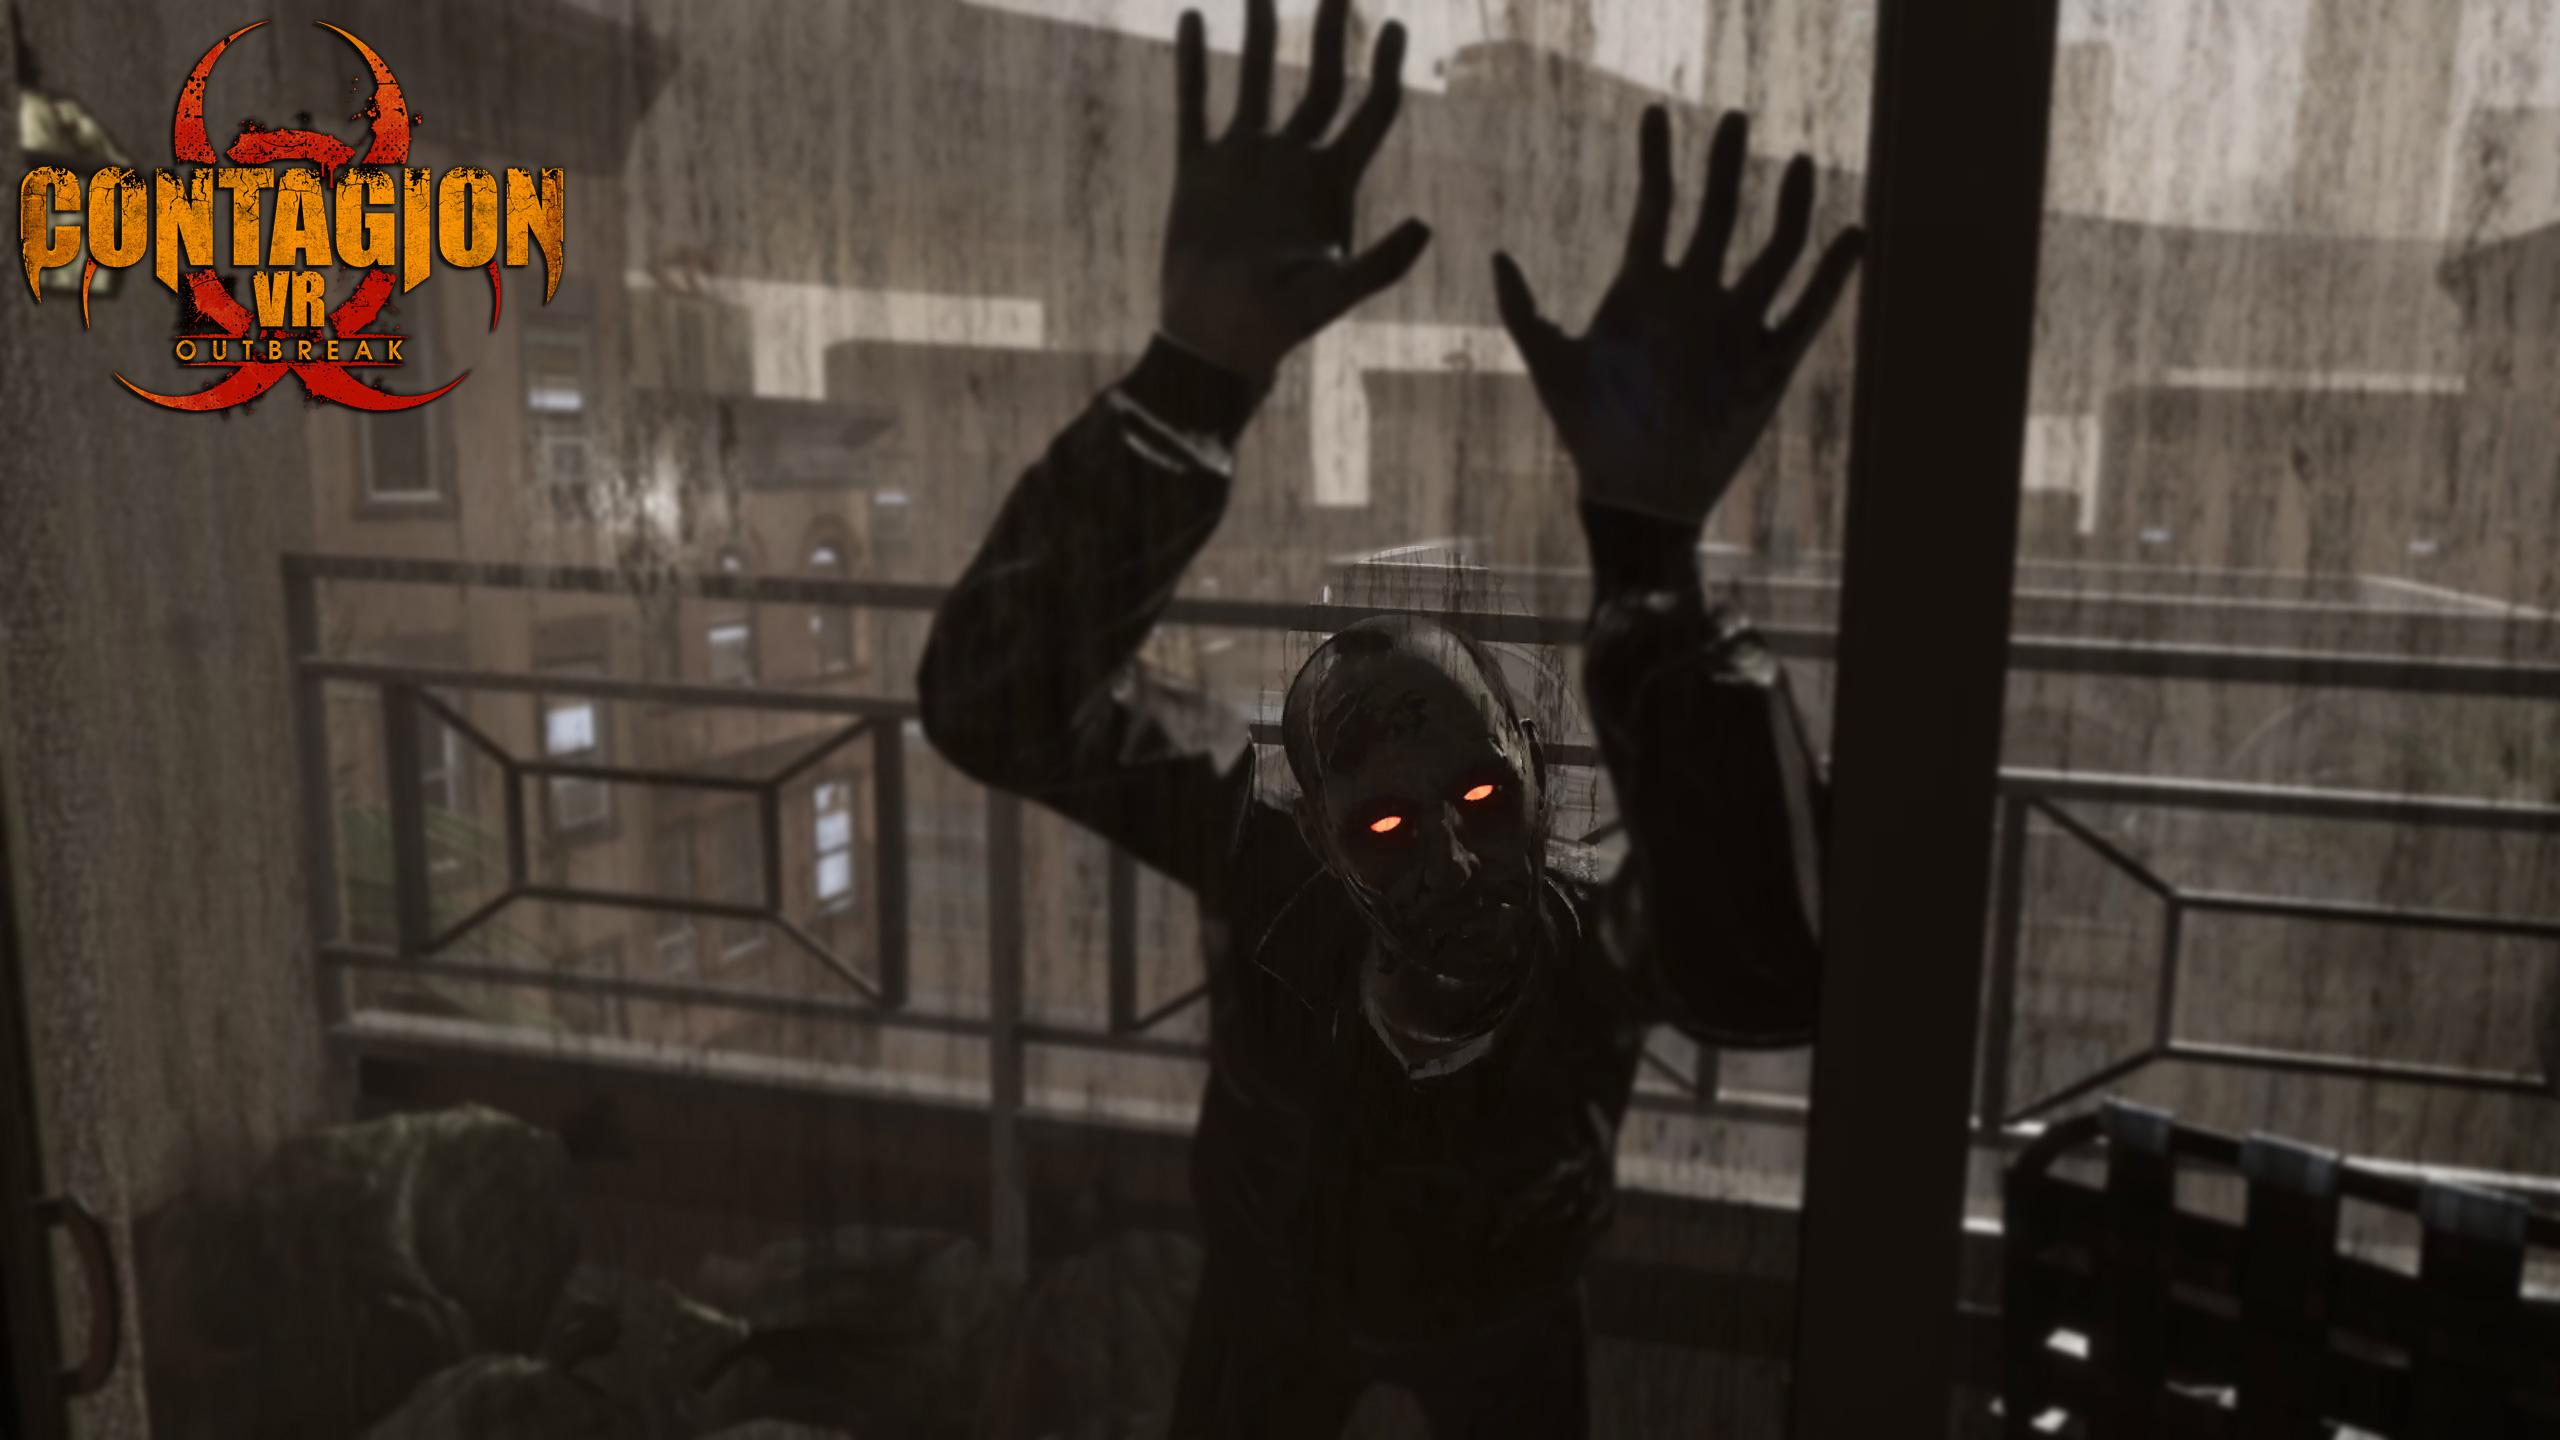 Contagion VR Outbreak sur PSVR - vrplayer.fr